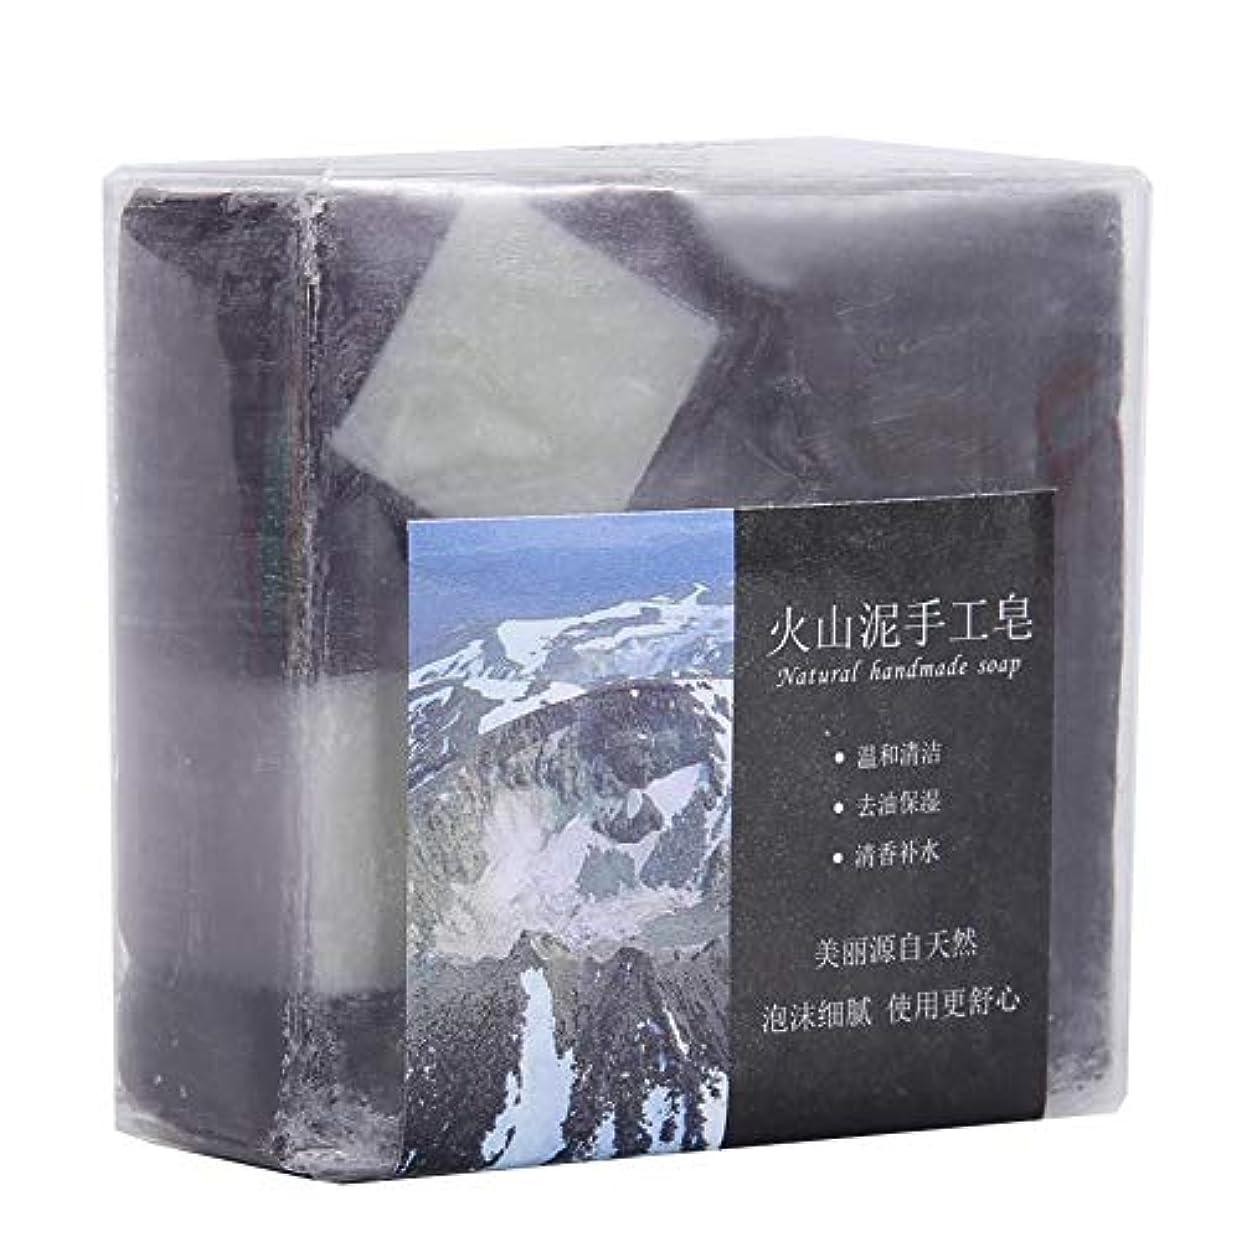 フィードオン説得力のある使用法ディープクリーニング 火山泥 ハンドメイドグリース 保湿石鹸用 100 G 手作り石鹸